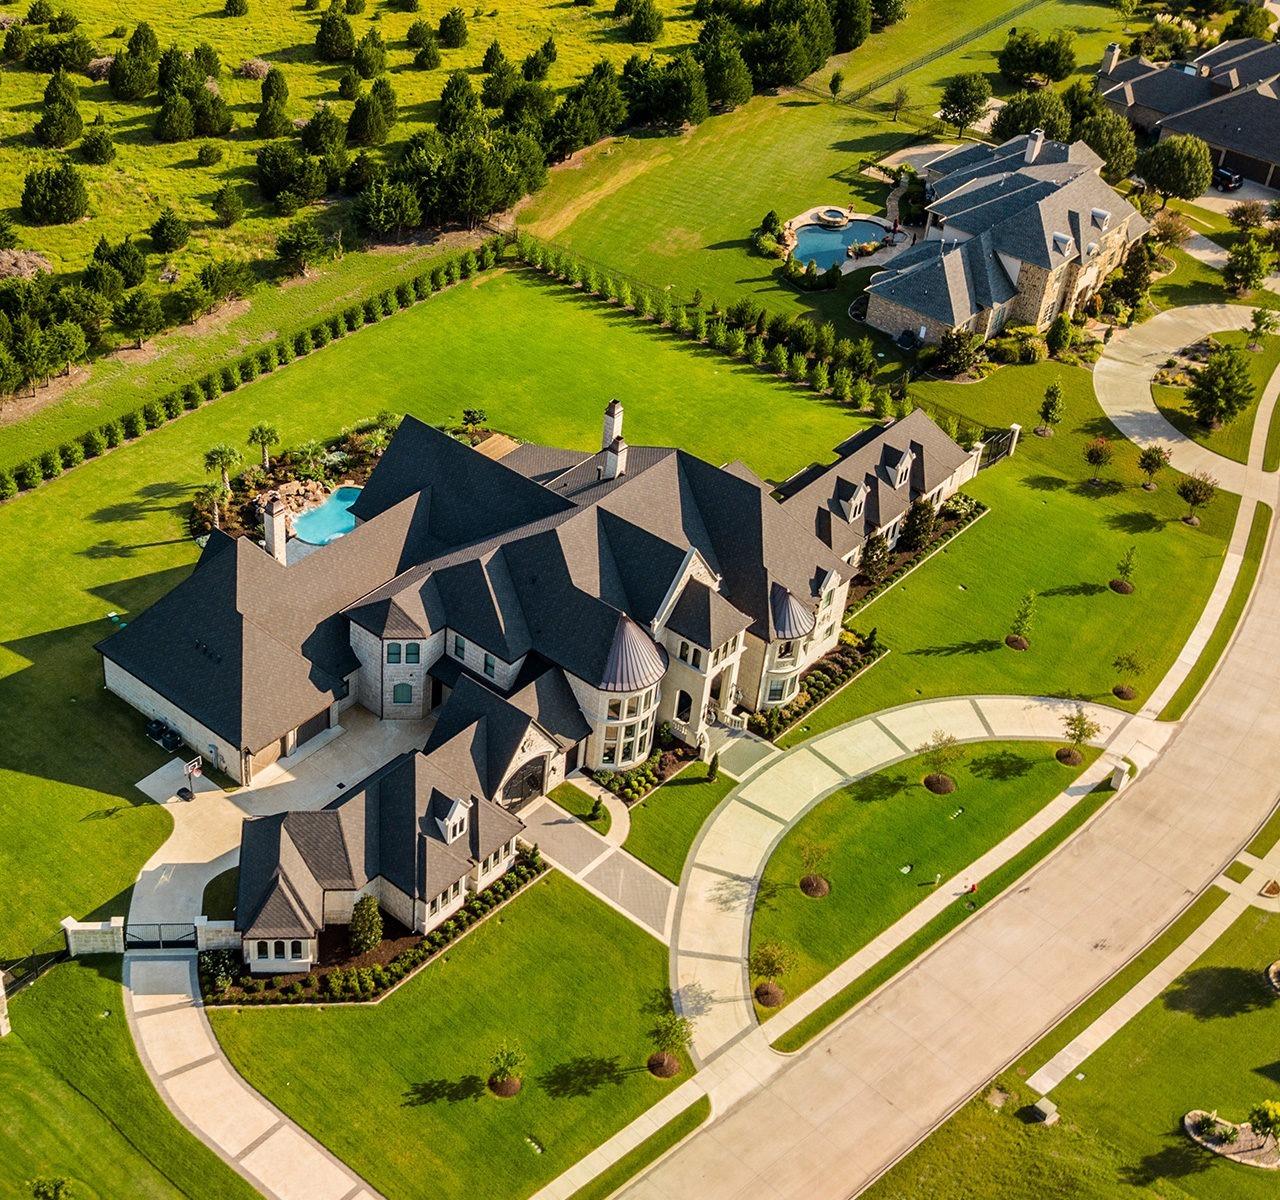 Un château et ses dépendances survolés par un drone